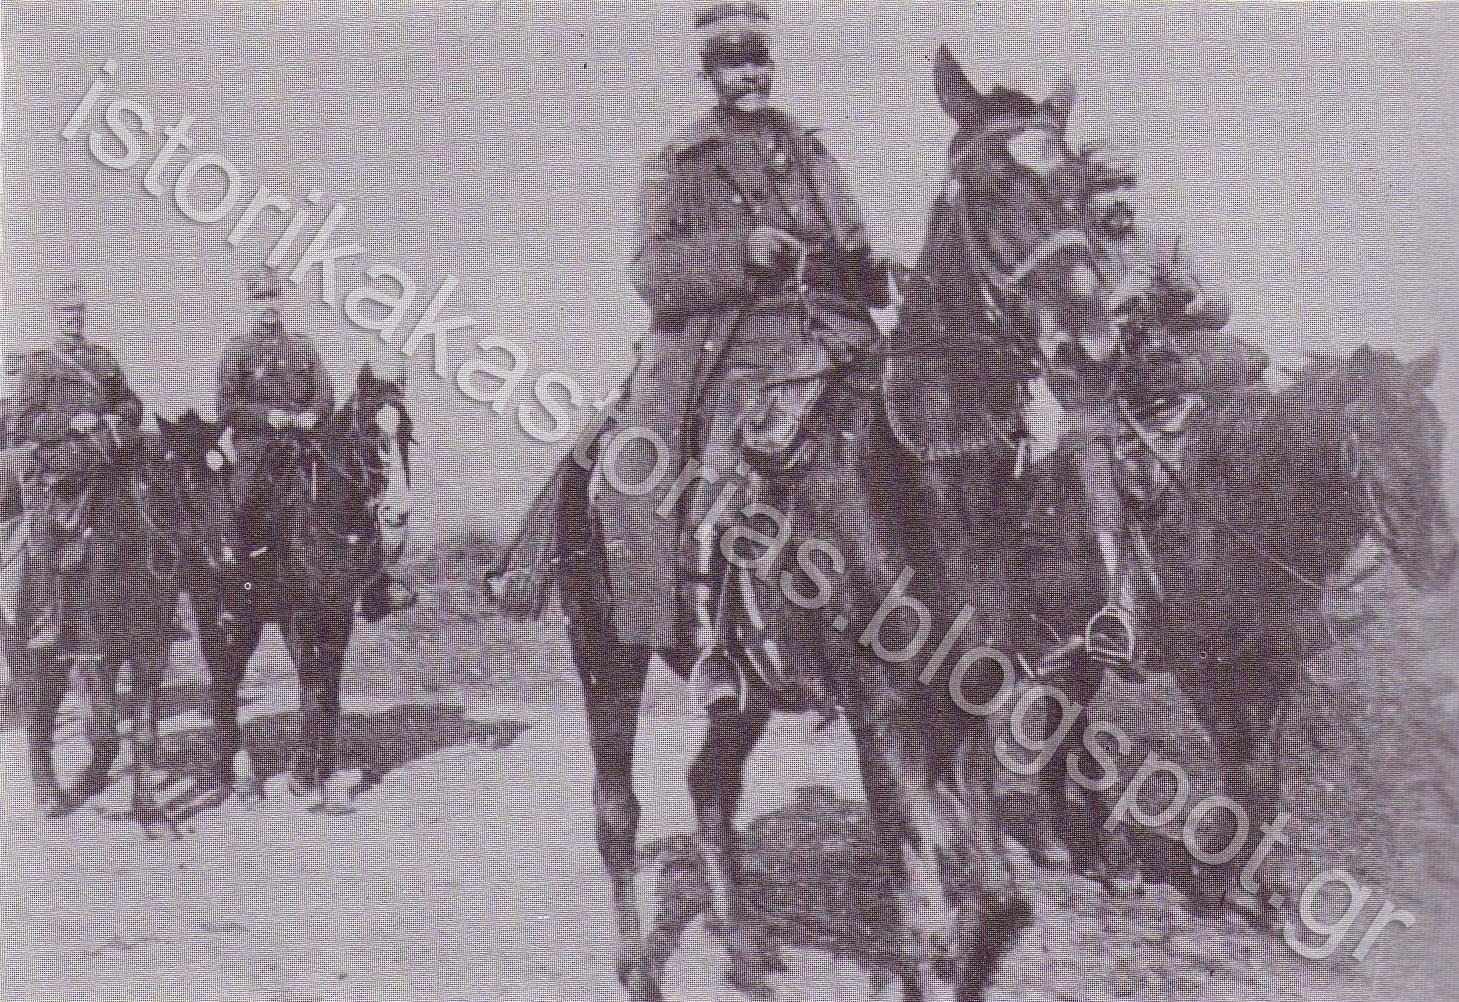 Βαλκανικοί Πόλεμοι - 100 χρόνια ελεύθερη Καστοριά (φωτό 01)